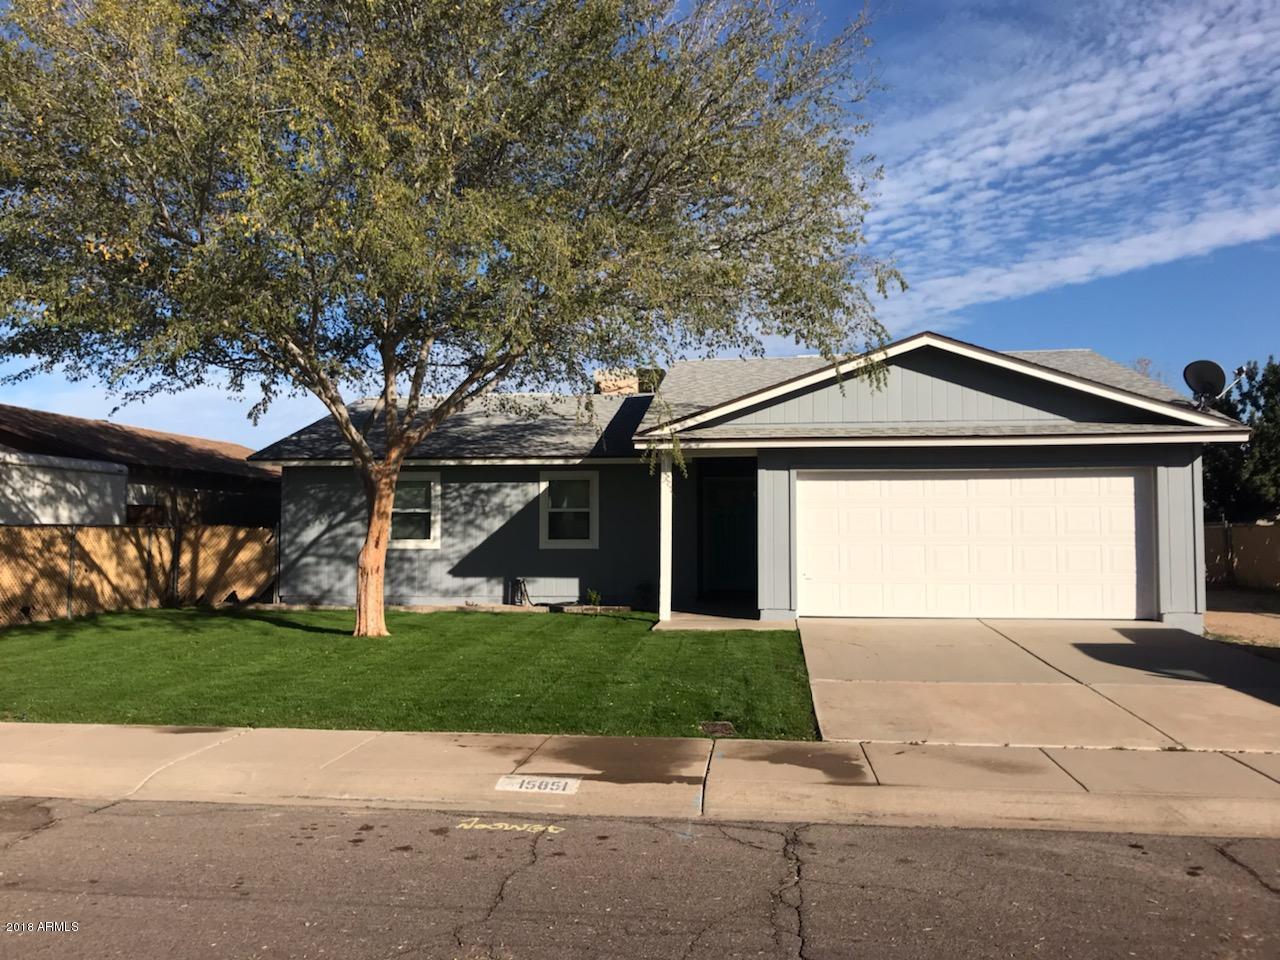 15851 N 60TH Drive Glendale, AZ 85306 - MLS #: 5852294